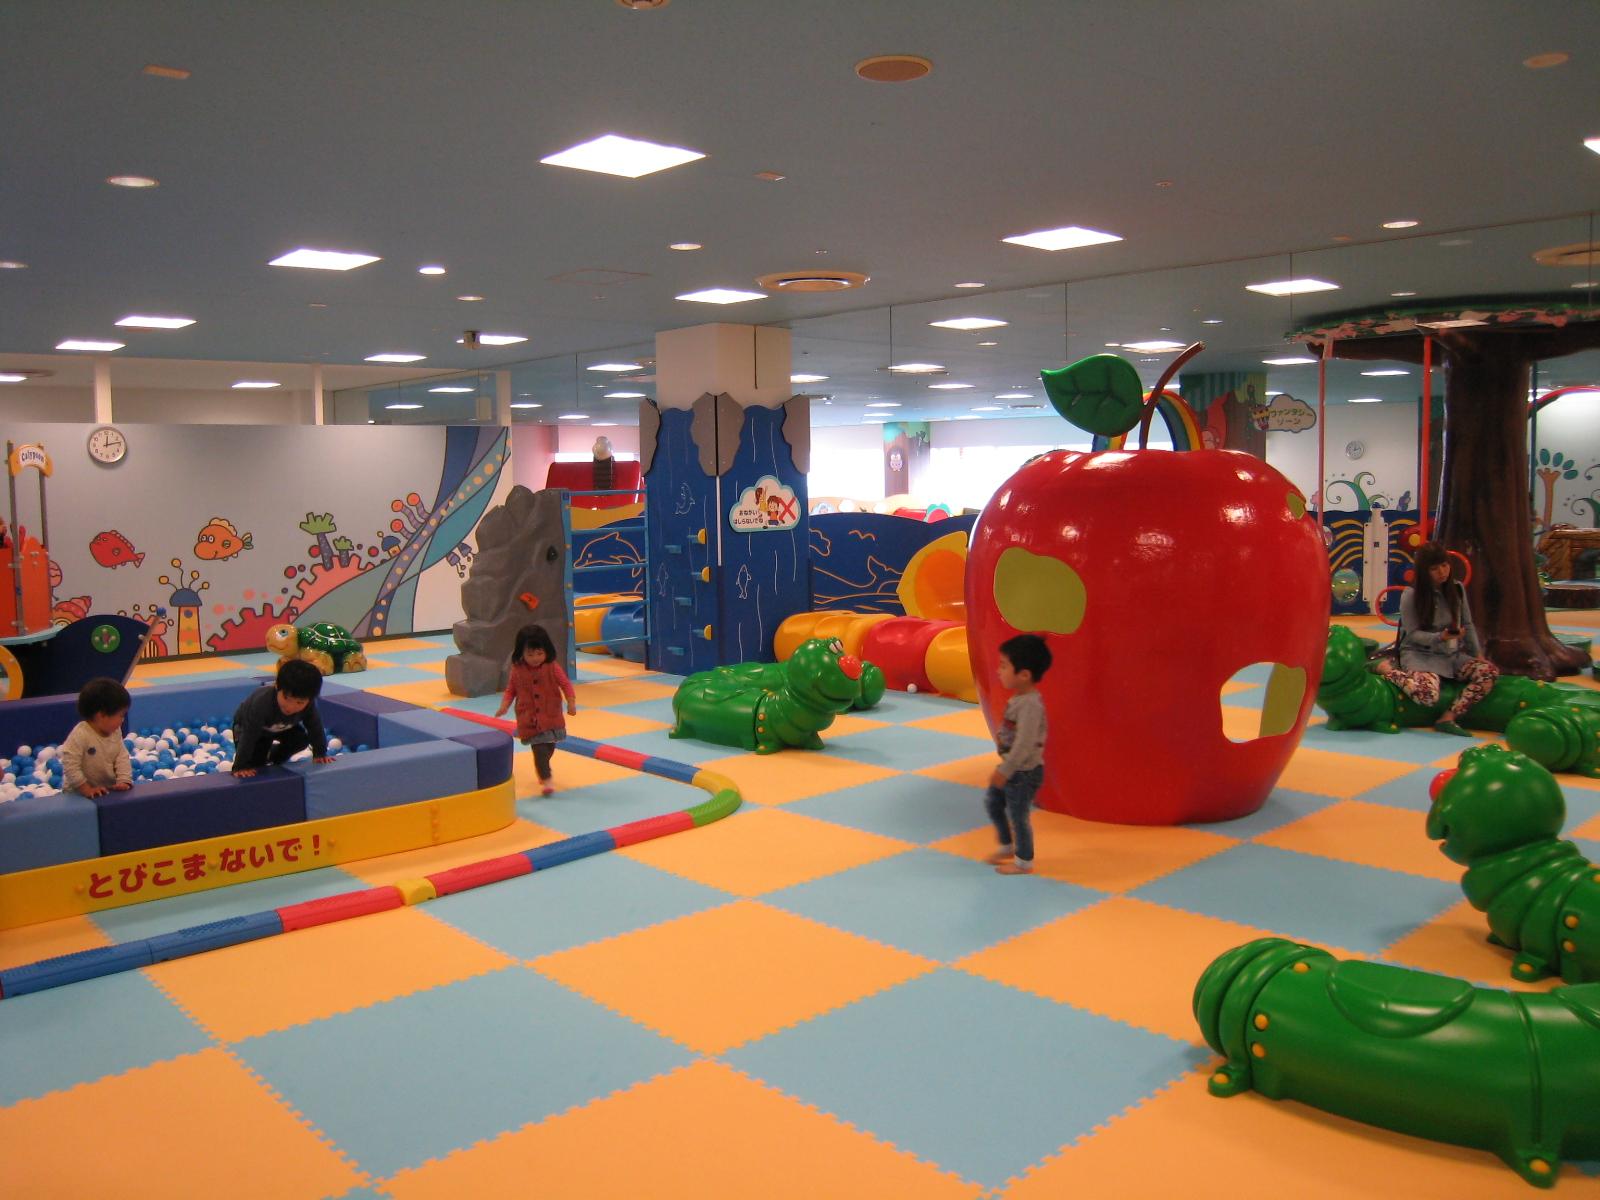 穴場!?福山駅前周辺 雨の日でも2歳児が遊べるスポット「ギザギザ葉っぱ~遊びの王国~」